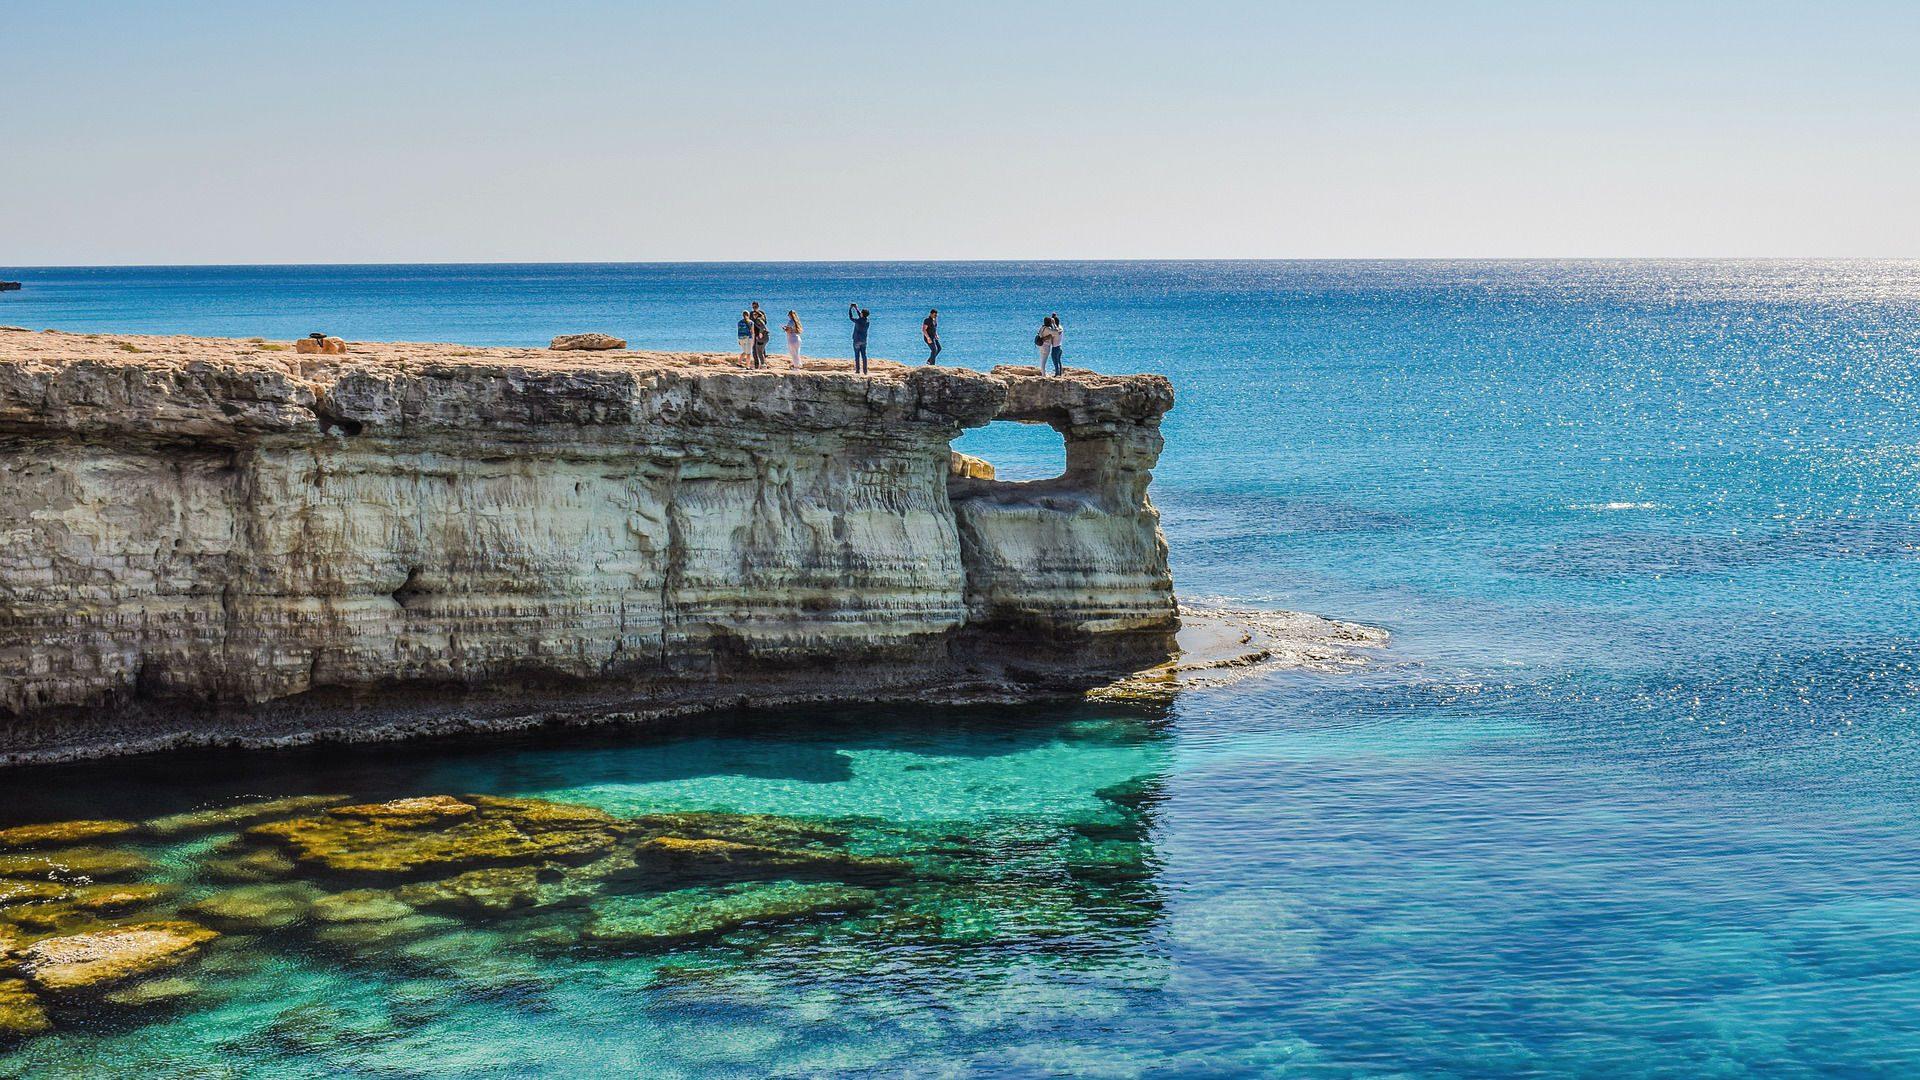 Gigantische Felswege ragen ins Meer hinein